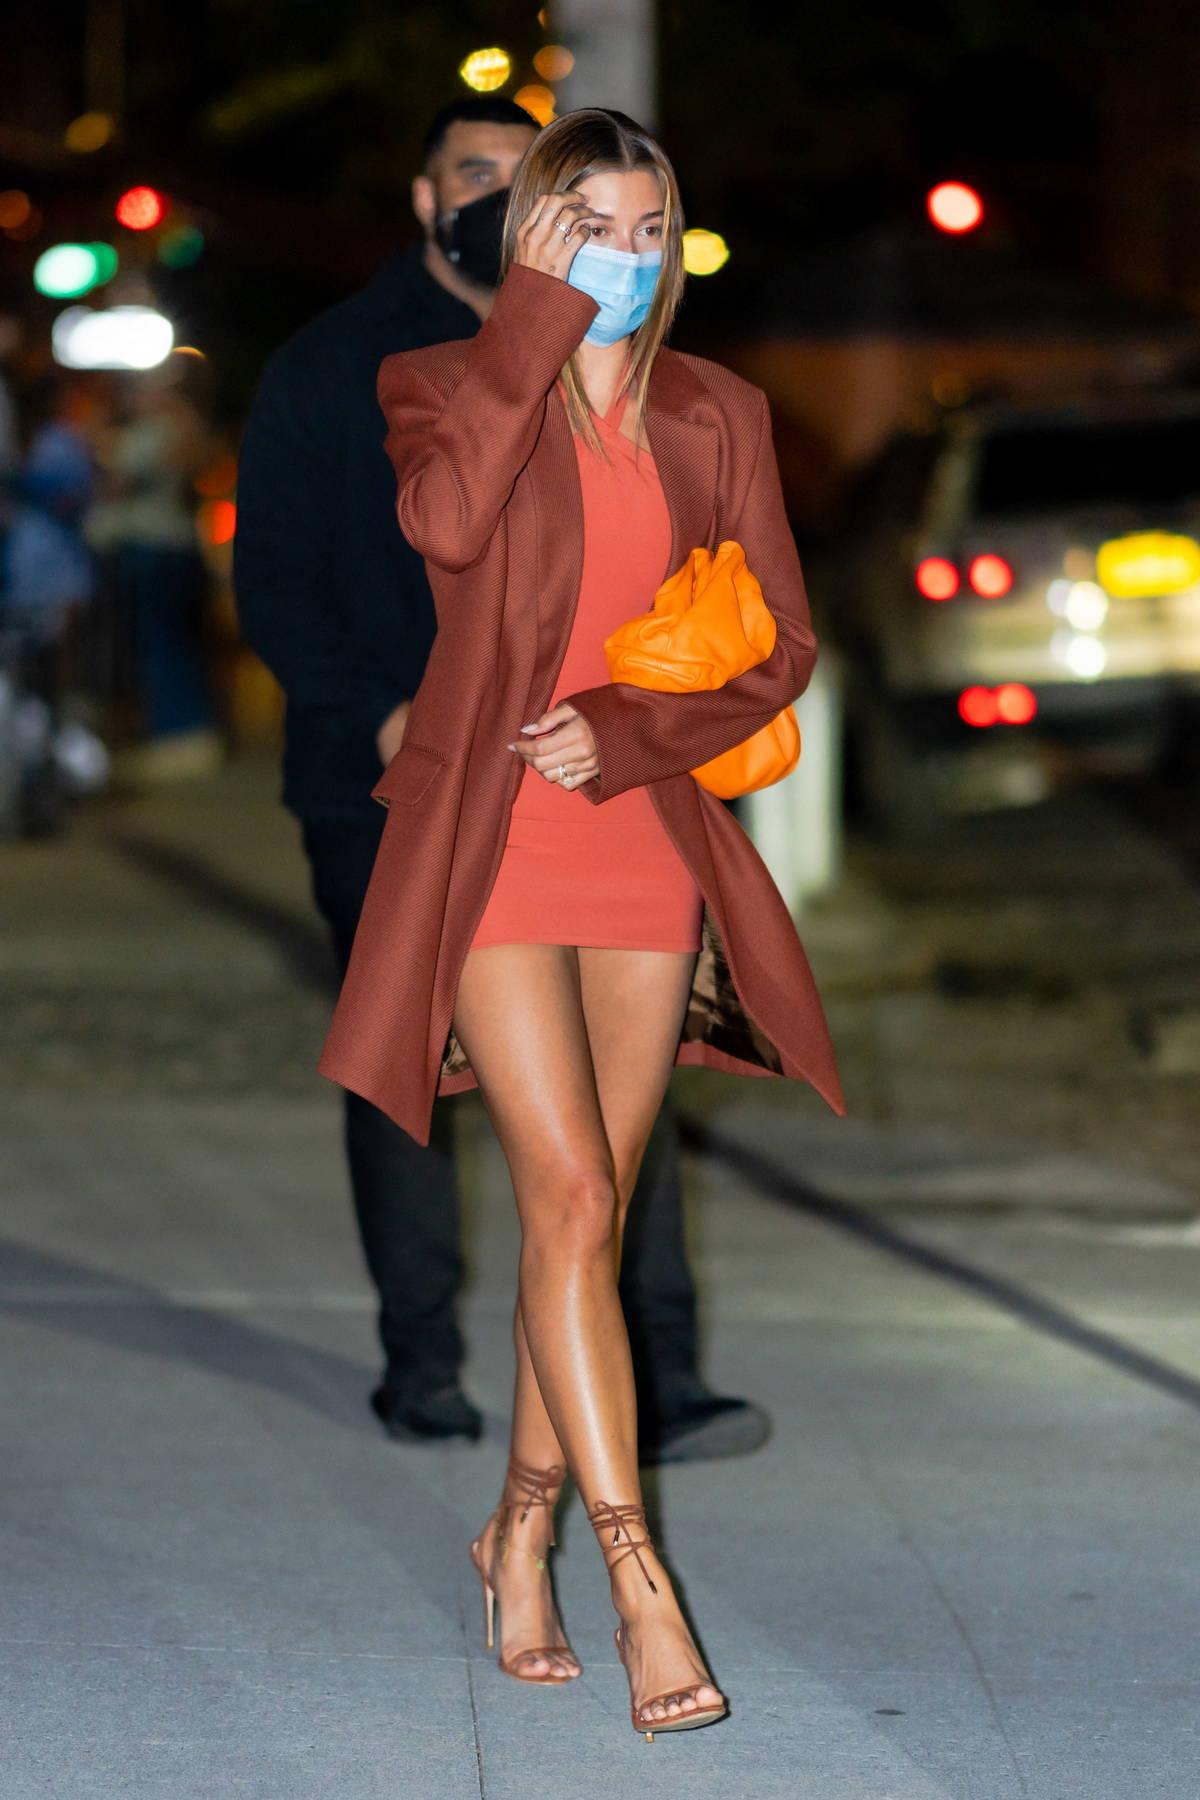 Hailey Bieber looks stunning in burnt orange as she leaves the Zero Bond Restaurant in New York City